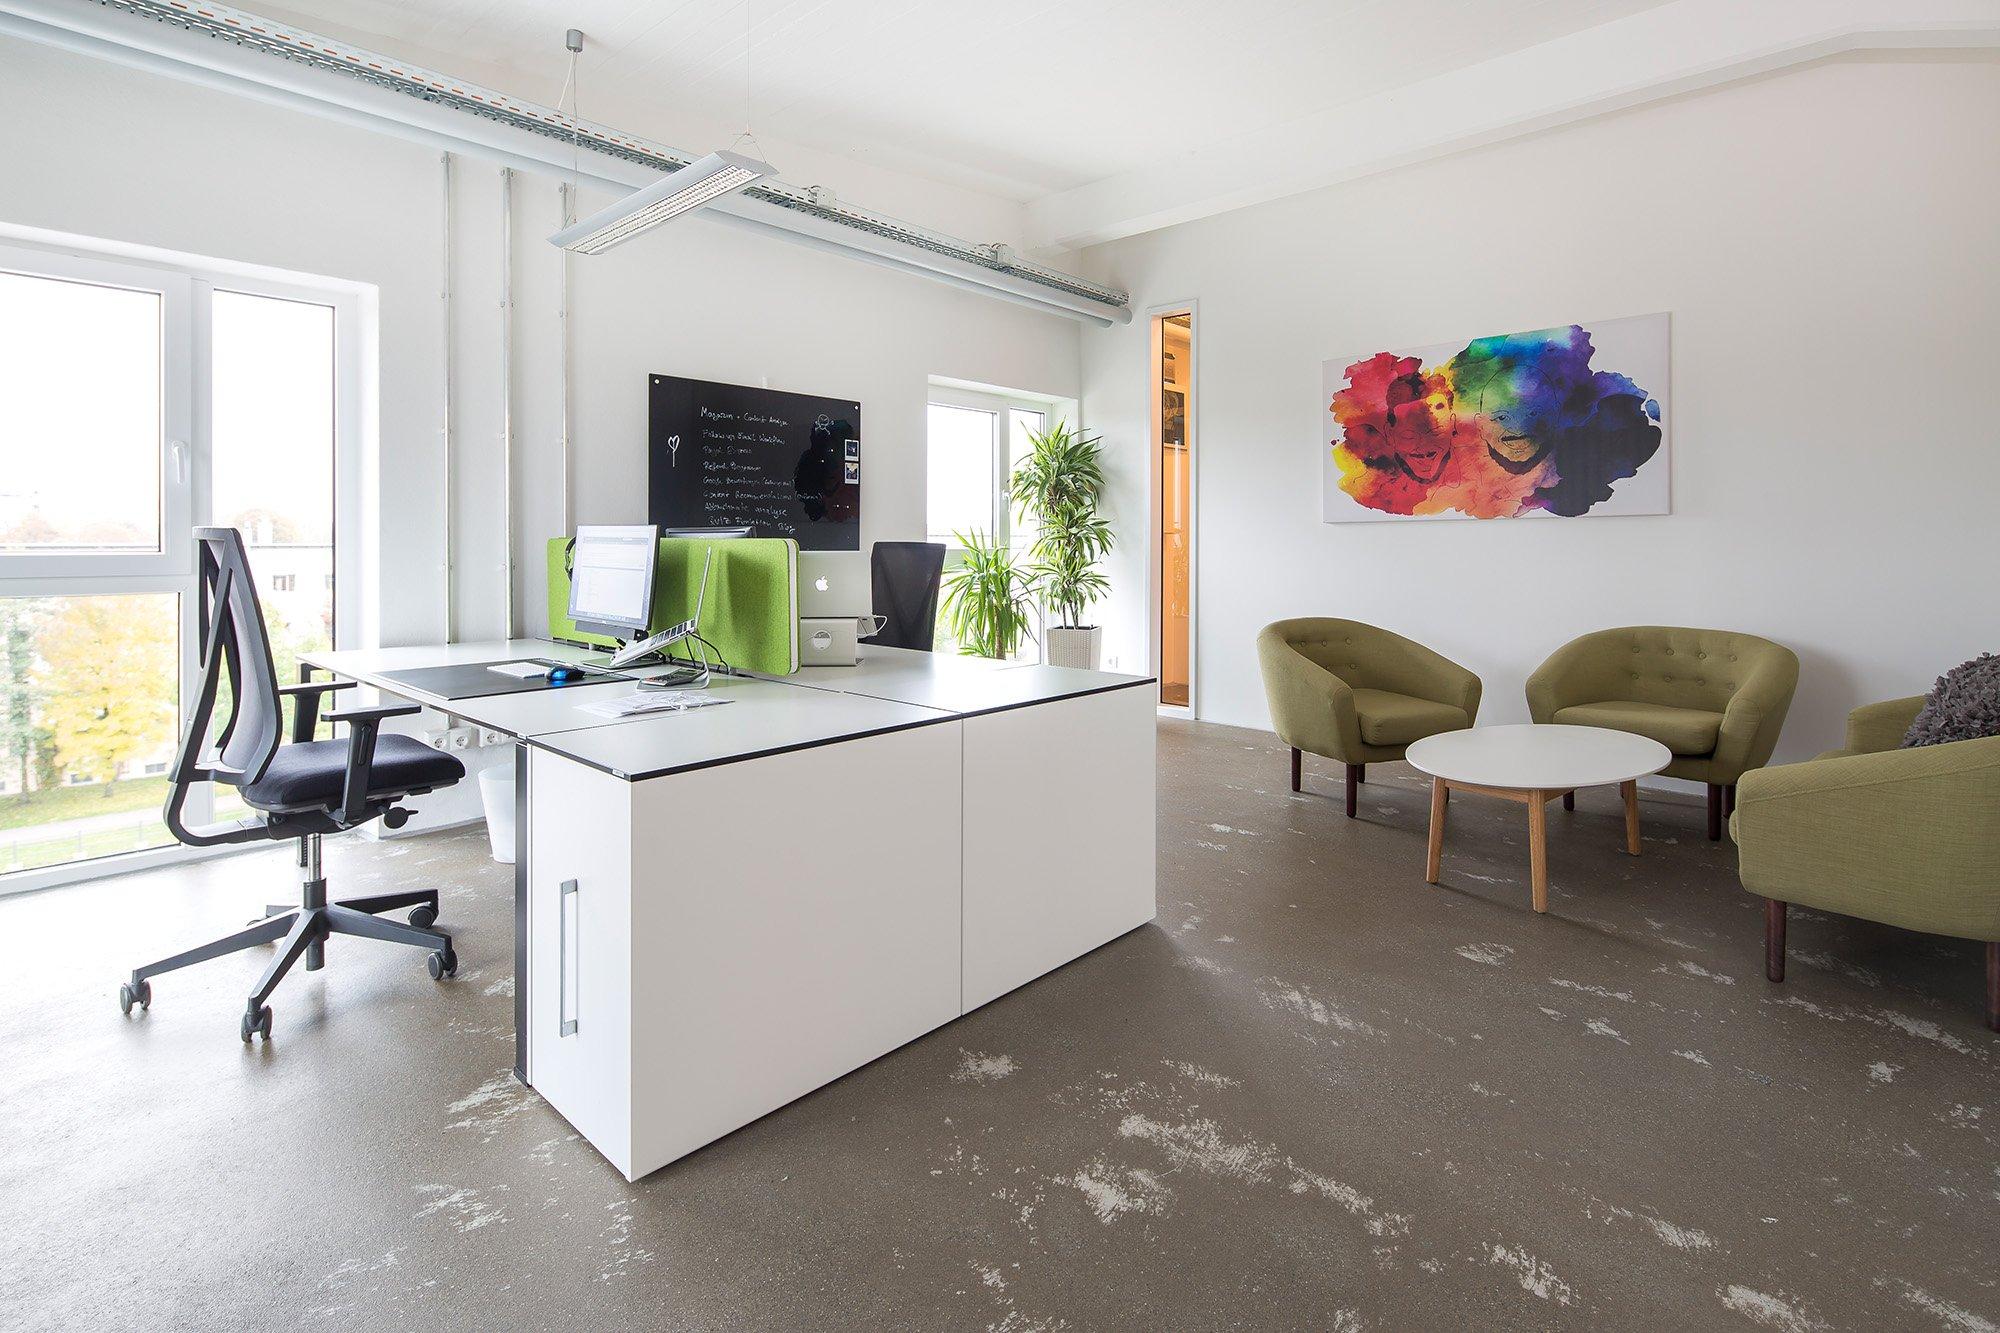 Vario BüroEinrichtungen | Herstellerinformation. Little Lunch, Augsburg